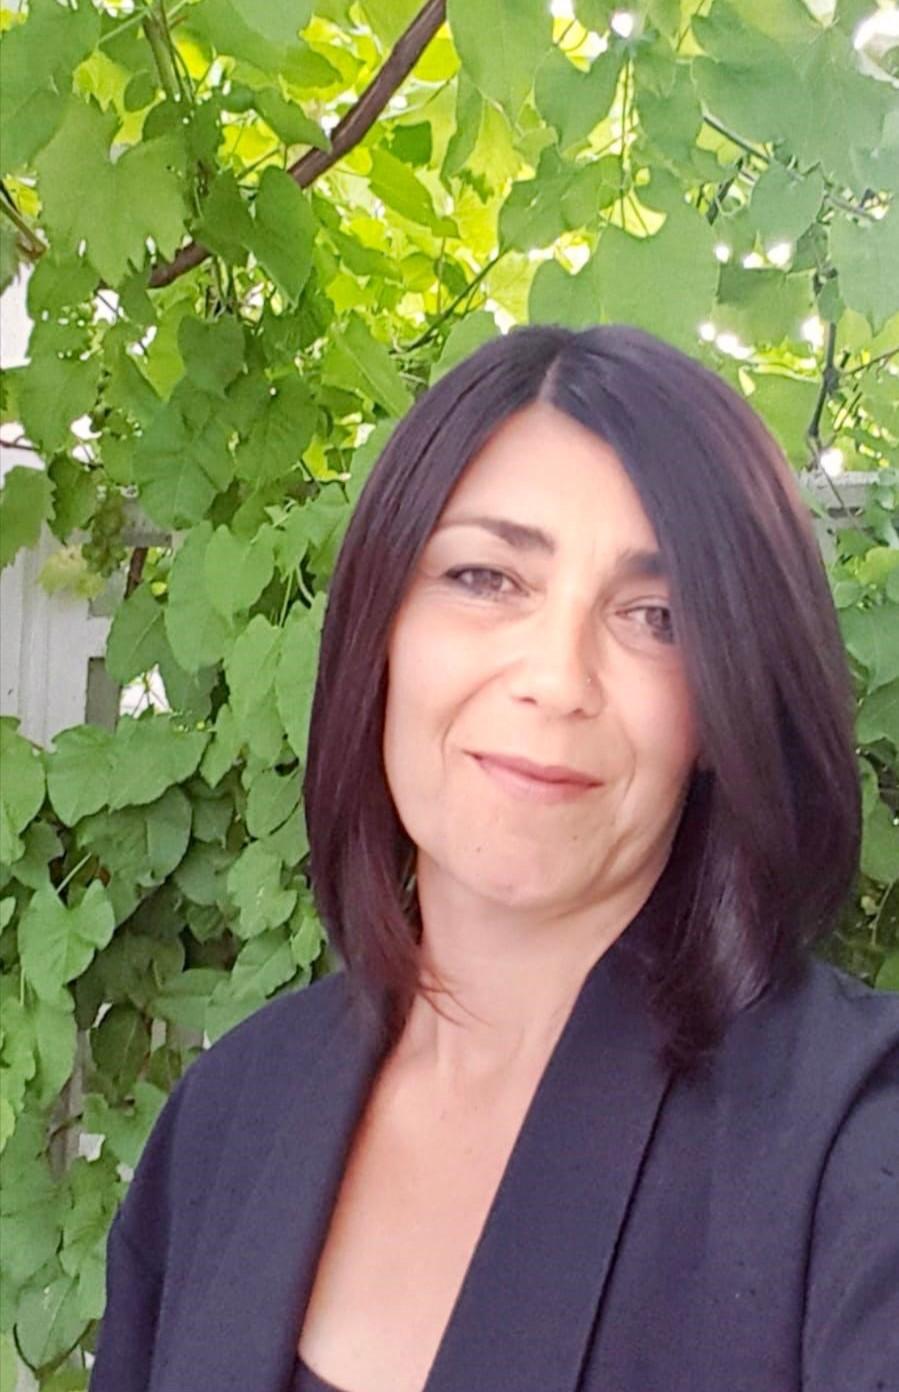 Unsere Beratungslehrerin Frau Zadro